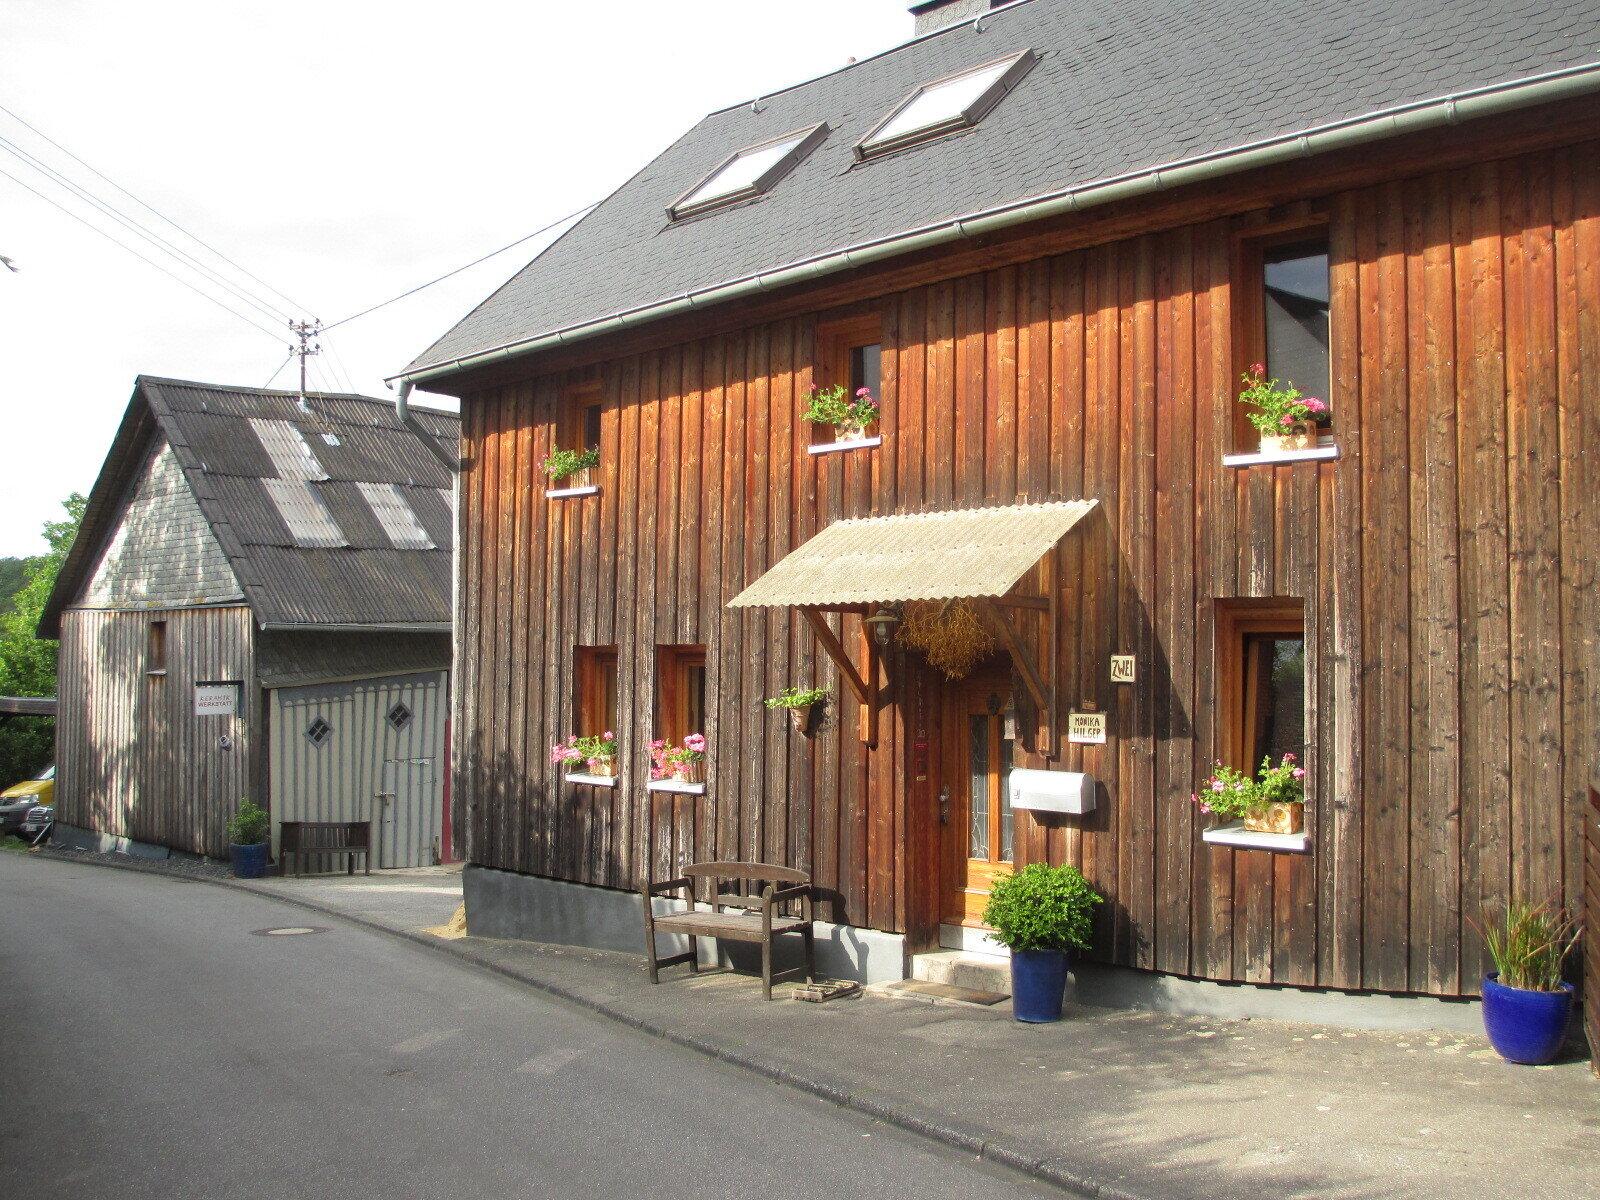 Haus_von_Monika_Hilger